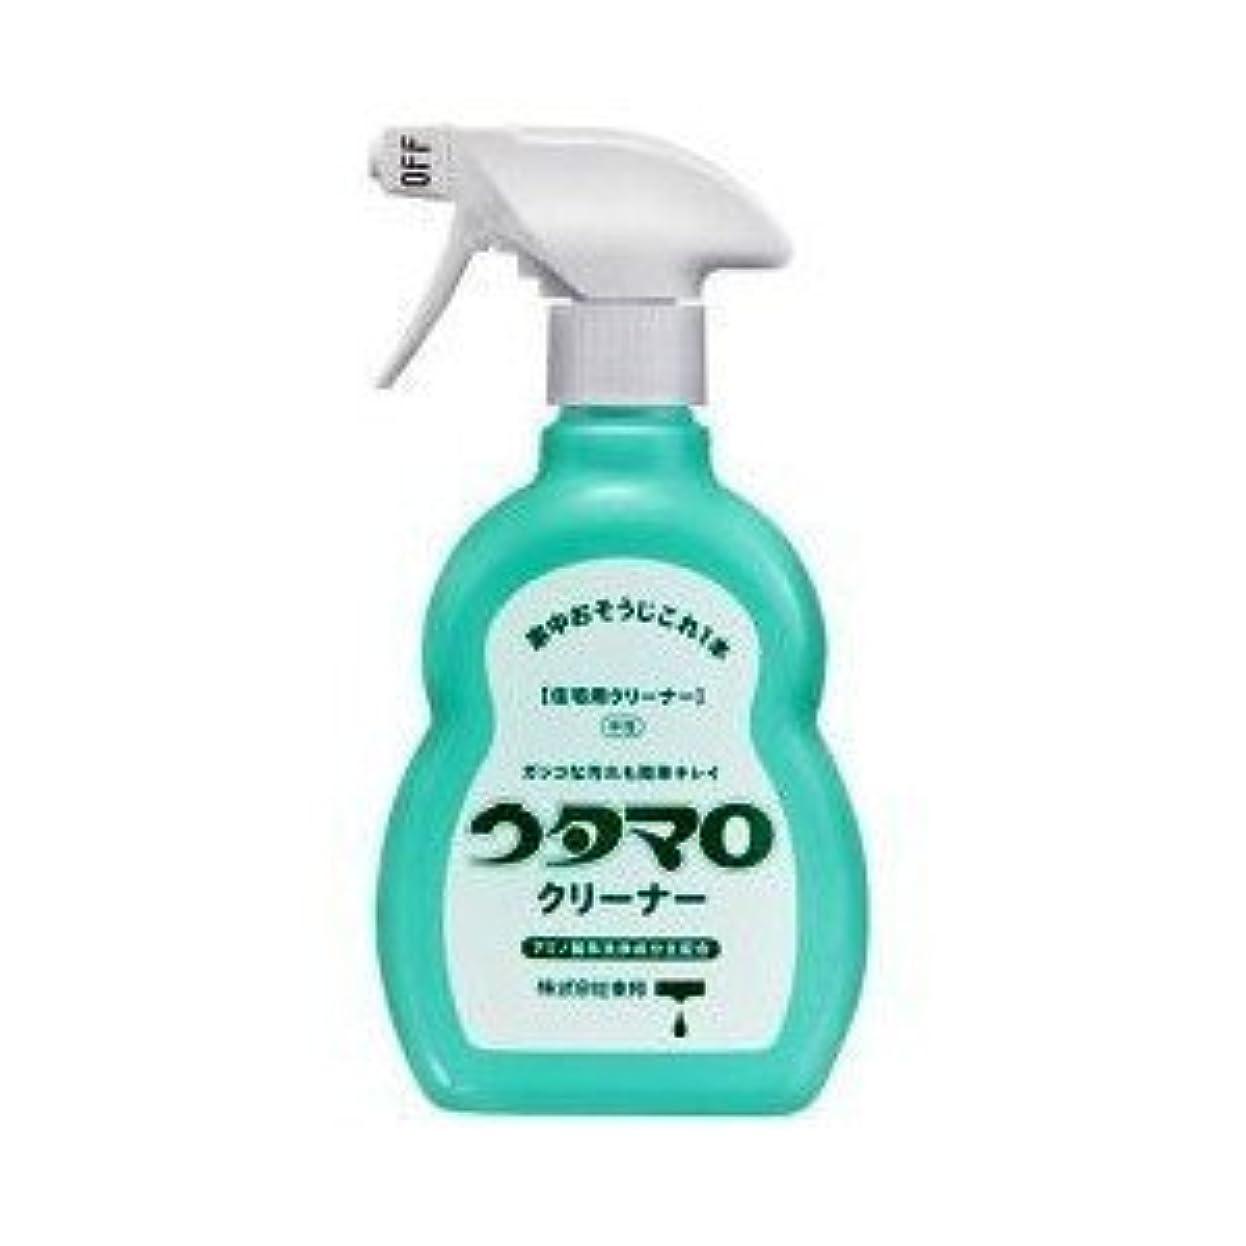 価格コンプライアンス翻訳者ウタマロ クリーナー 400ml 洗剤 住居用 アミノ酸系洗浄成分主配合 さわやかなグリーンハーブの香り